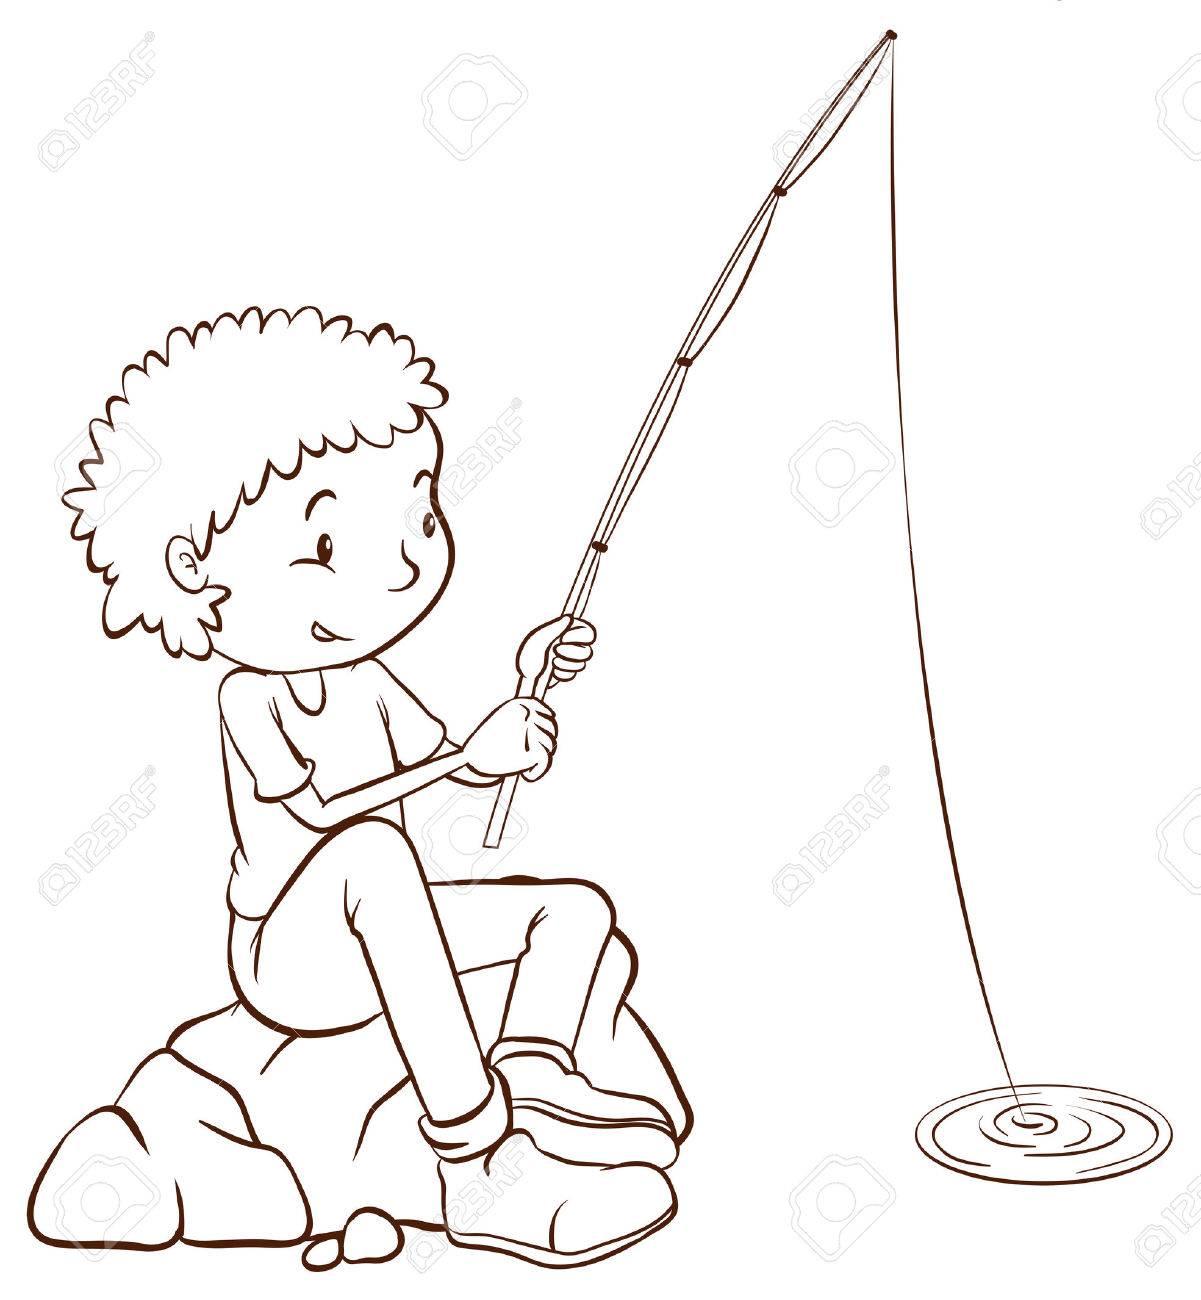 Ilustración De Un Bosquejo Simple Llanura De Un Niño Pescando En Un ...